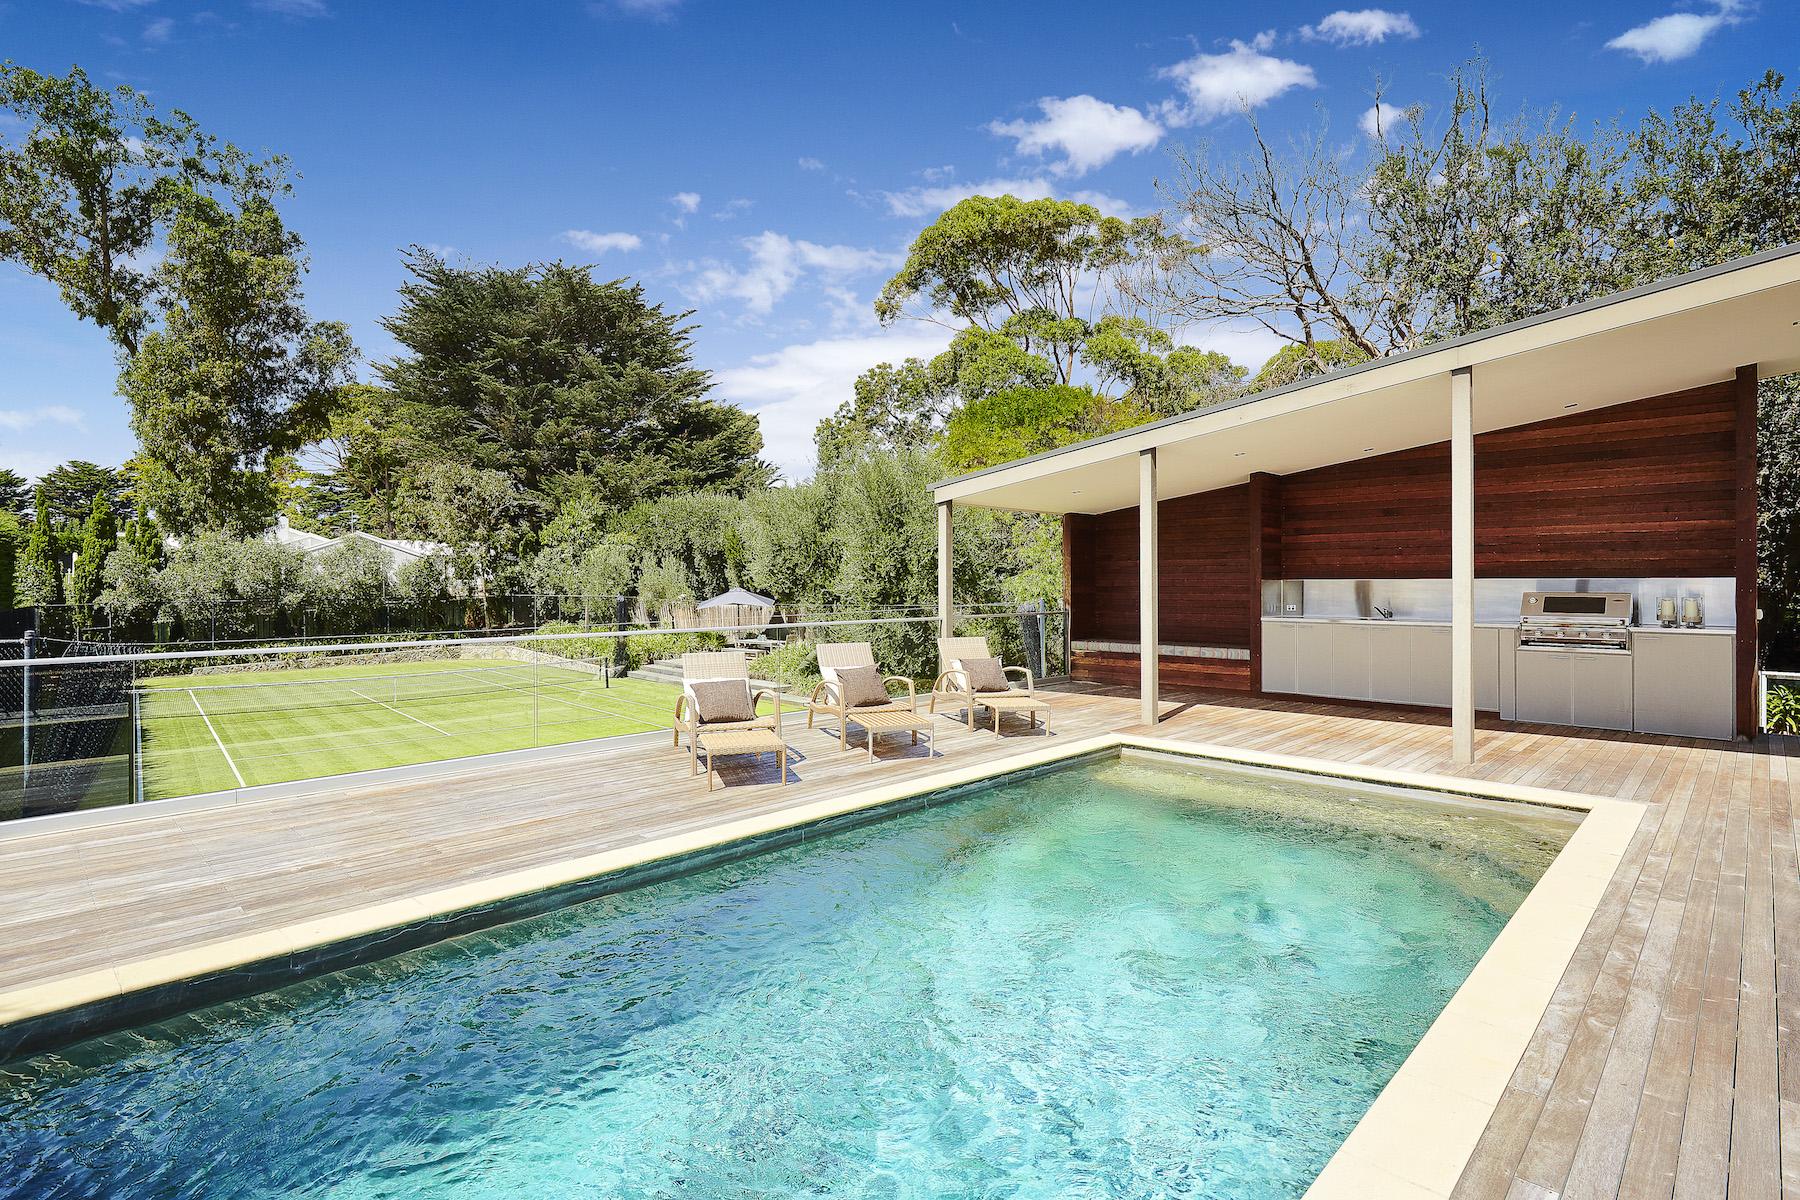 独户住宅 为 销售 在 21 Leyden Avenue, Portsea 墨尔本, 维多利亚, 3944 澳大利亚